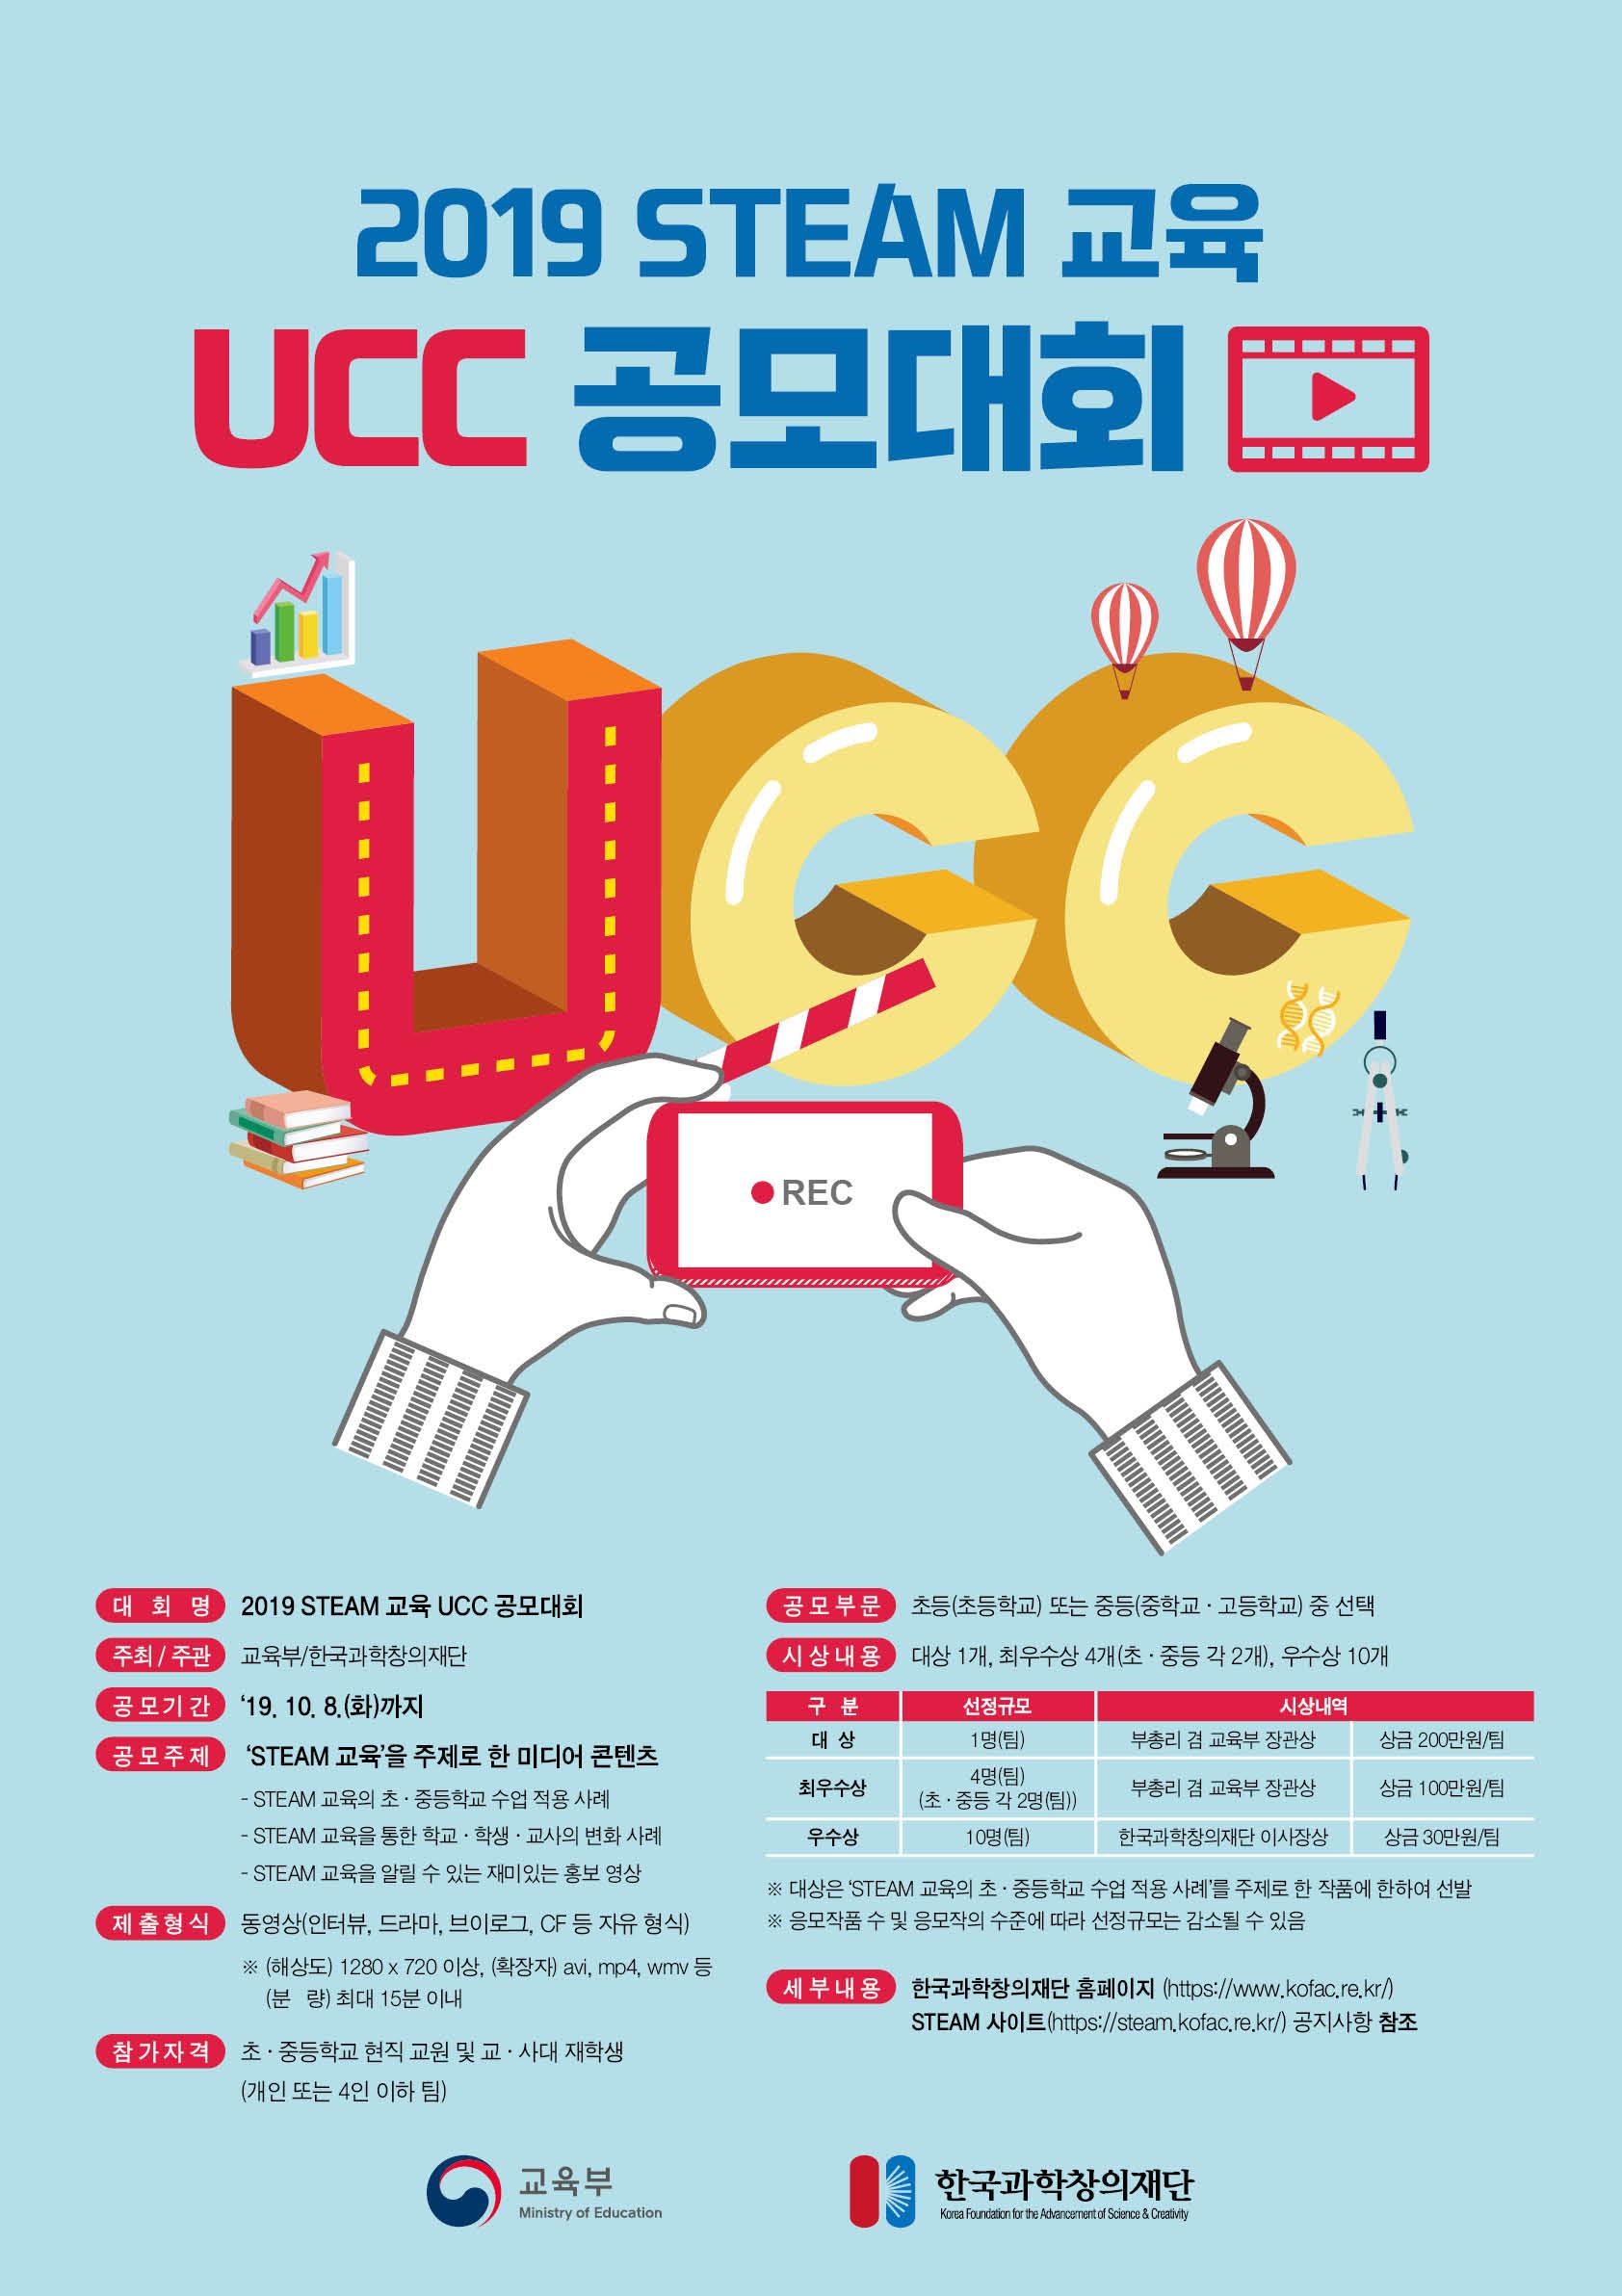 0524-창의재단-서원선-2019년_STEAM_교육_UCC_공모전_포스터최종